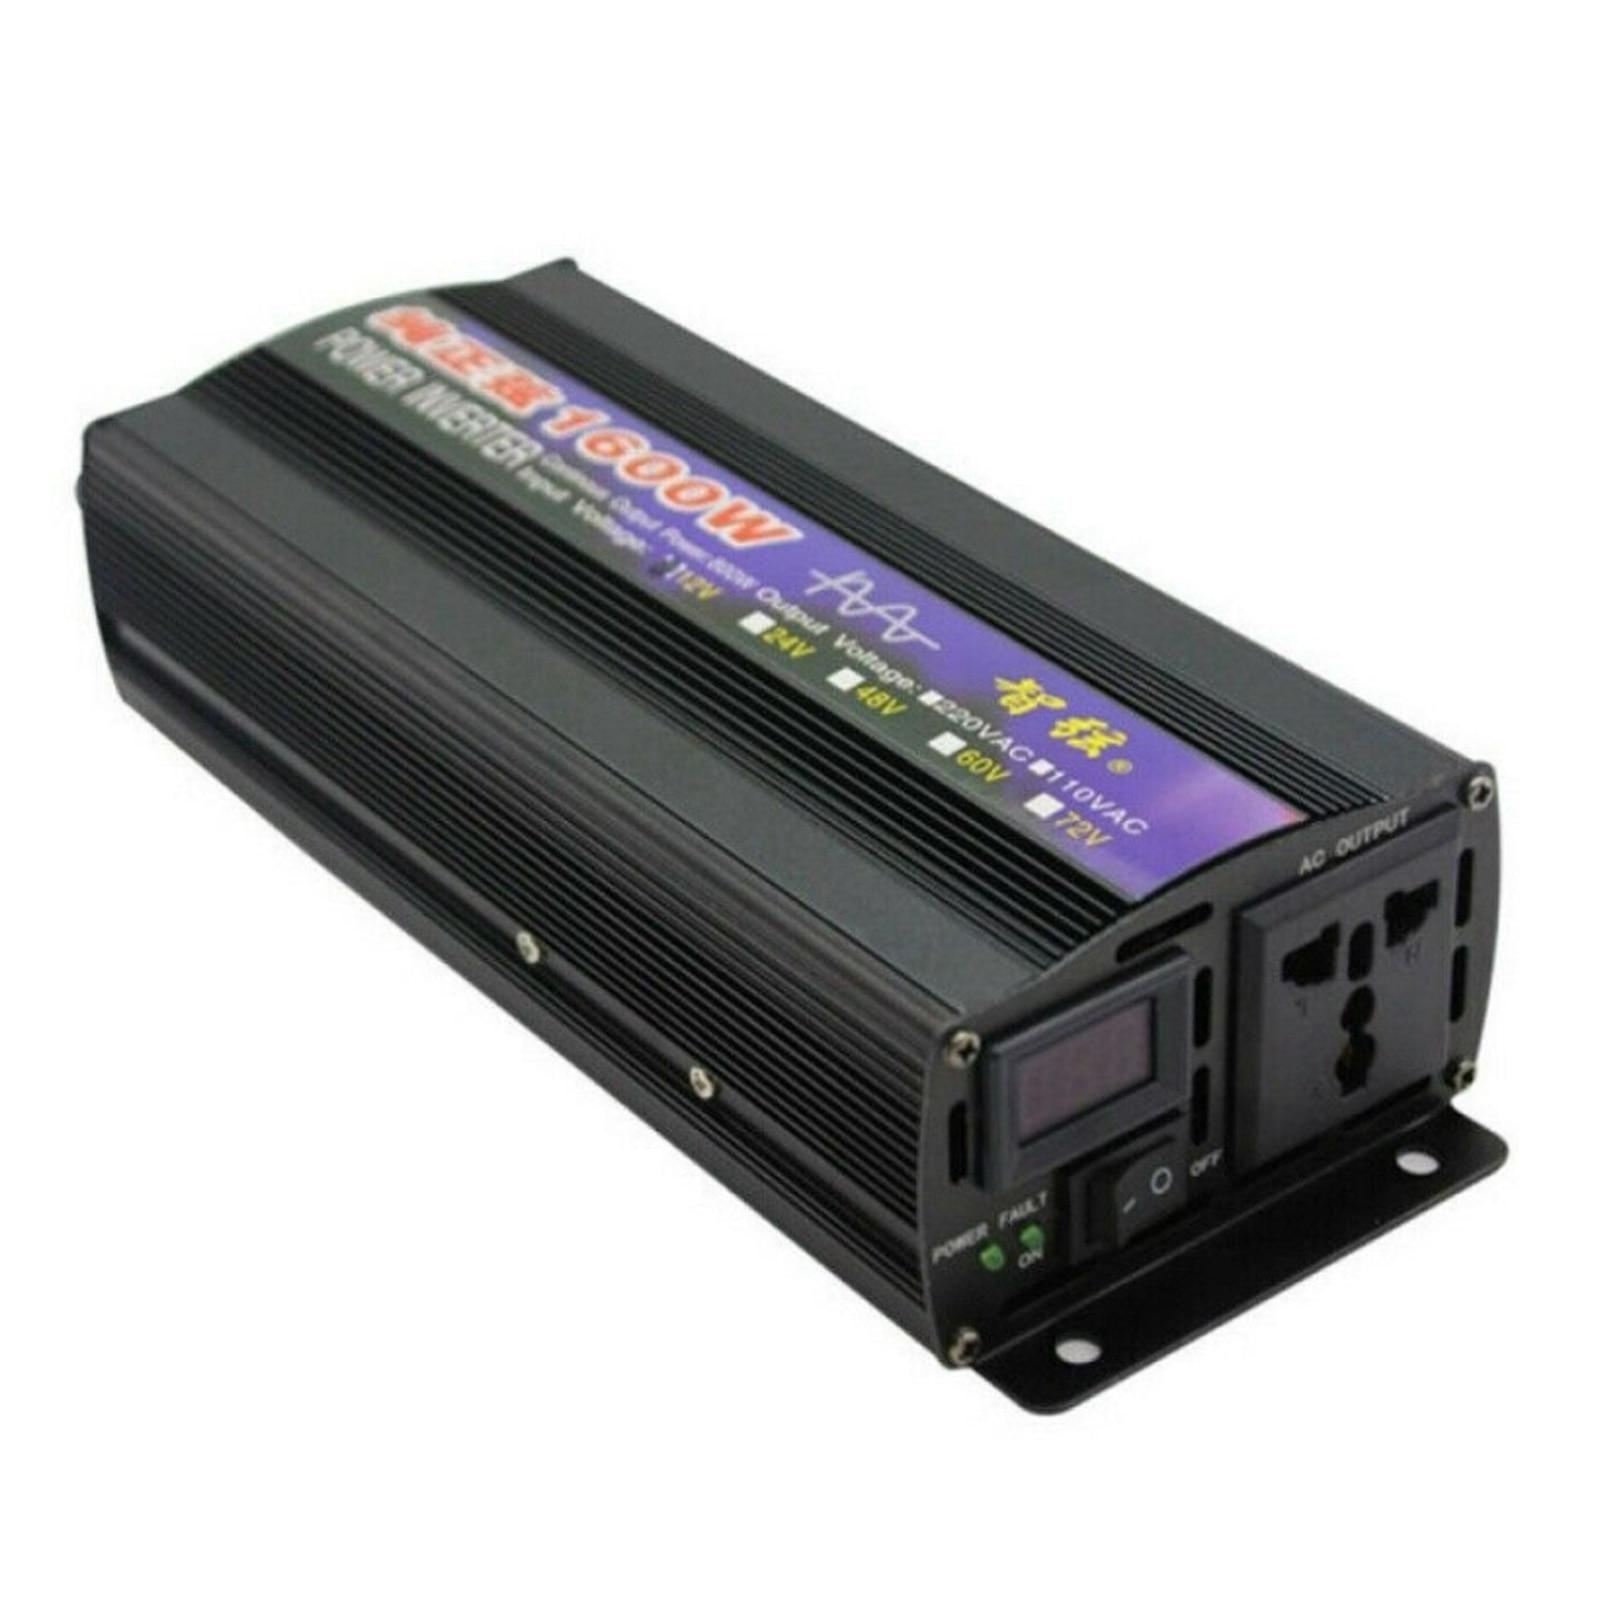 1600 واط سيارة الشمسية نقية شرط موجة عاكس الطاقة DC12/24 فولت إلى AC110/220 فولت محول 12 فولت-110 فولت 12 فولت-220 فولت 24 فولت-110 فولت 24 فولت-220 فولت